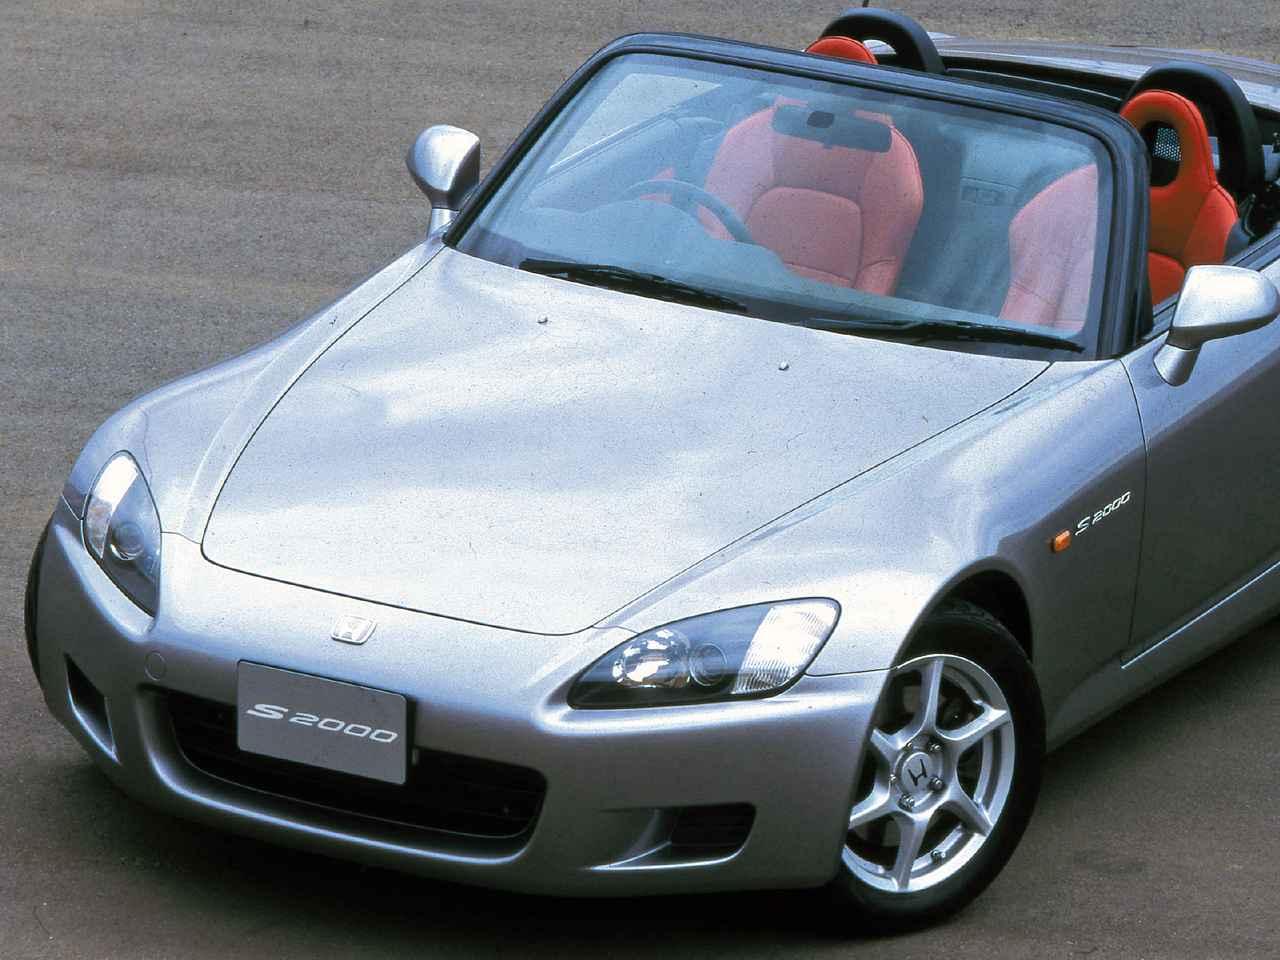 ホンダ S2000 ホンダ S2000の最新ニュースと新着情報まとめ